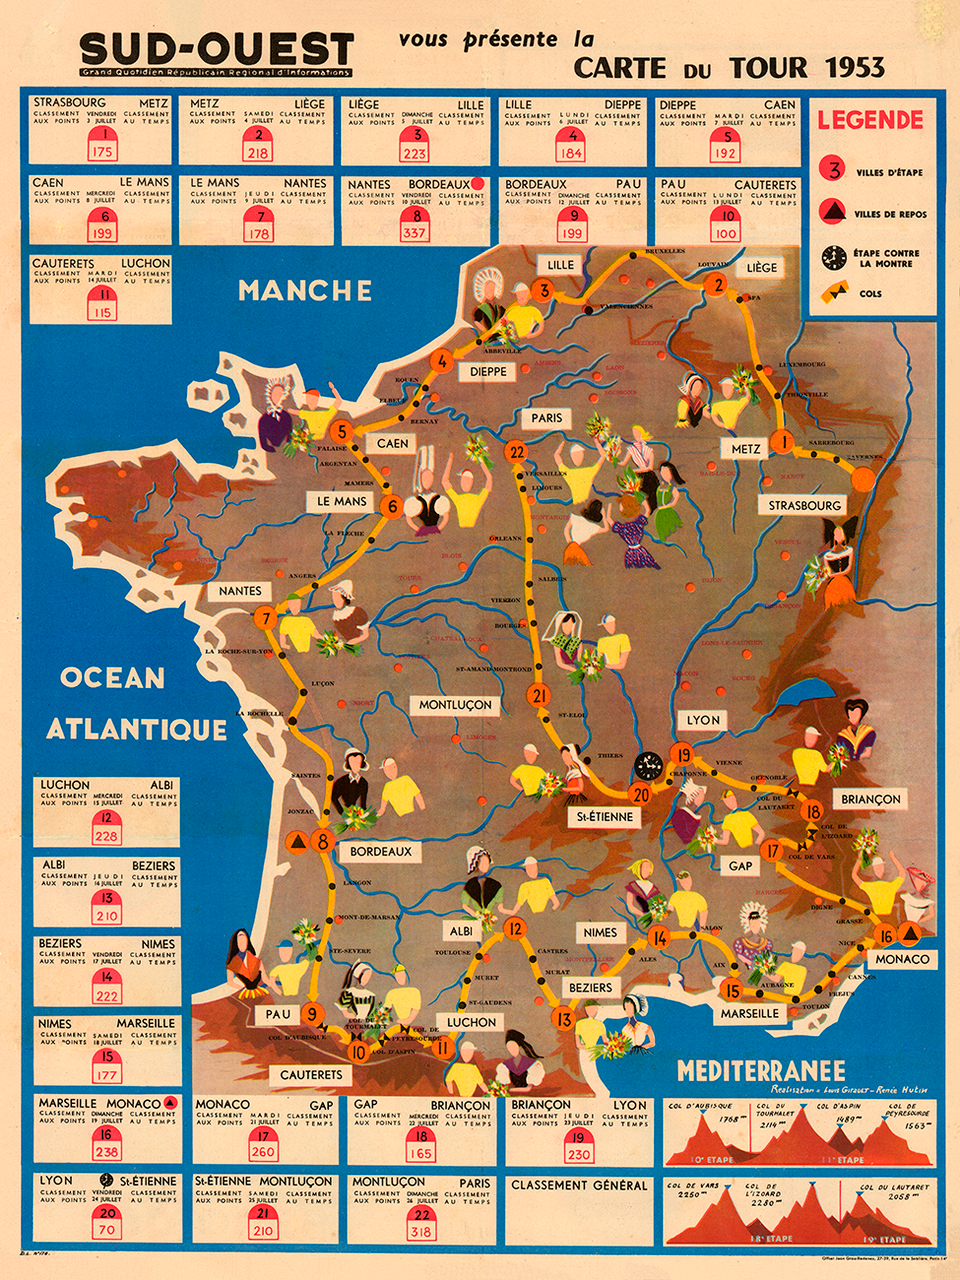 1953 Tour de France Map Poster